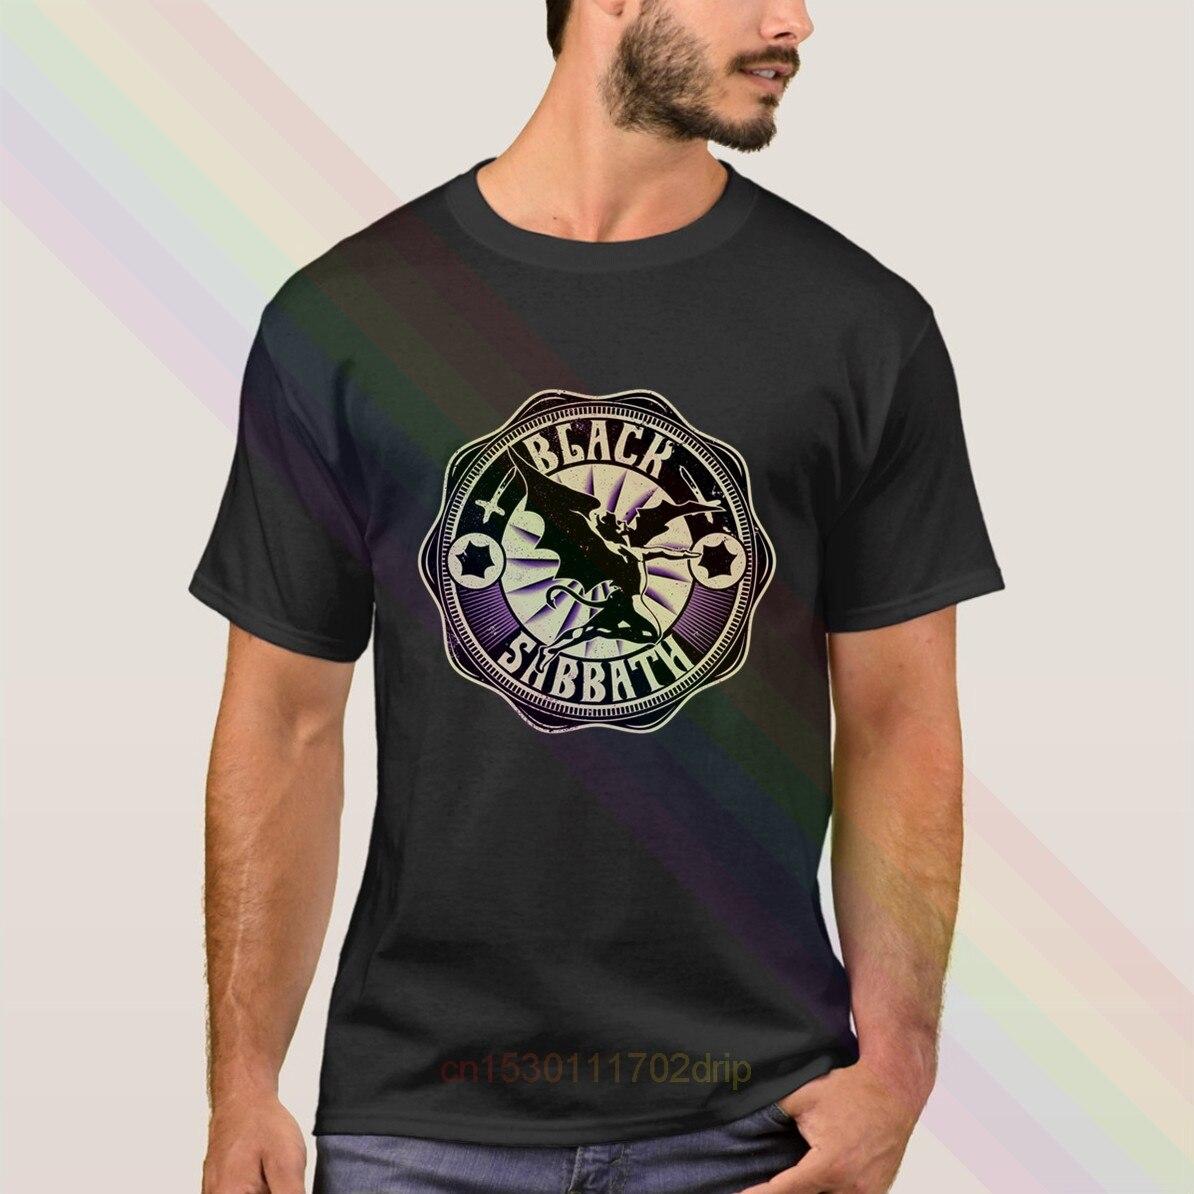 Camiseta negra con logotipo de Sabbath, novedad de 2020, camisetas populares de manga corta de verano para hombres, camisetas Unisex